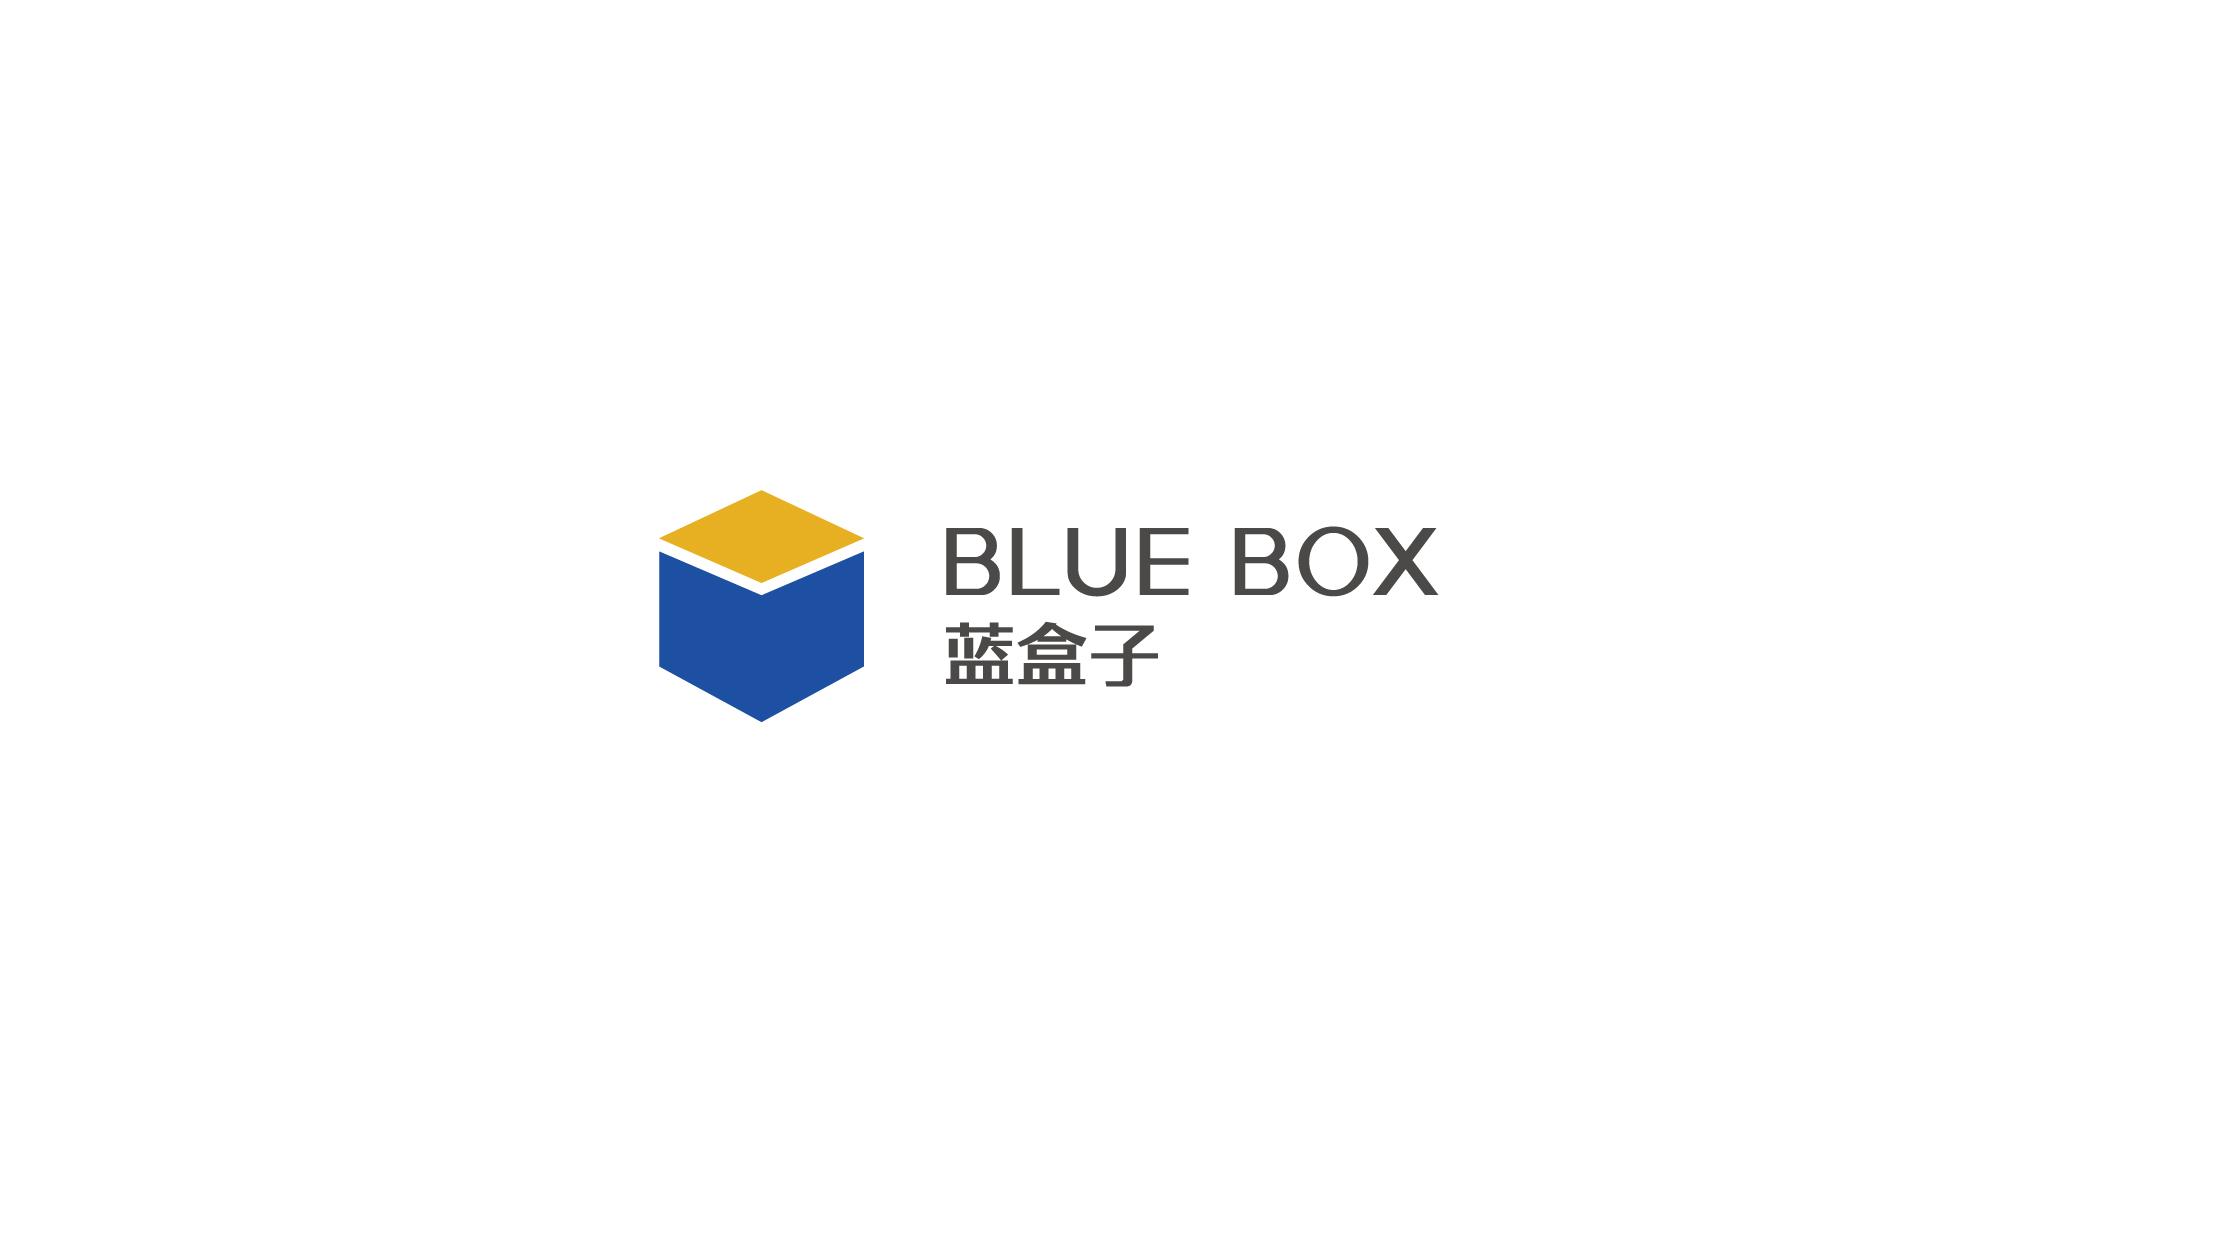 蓝盒子品牌LOGO万博手机官网